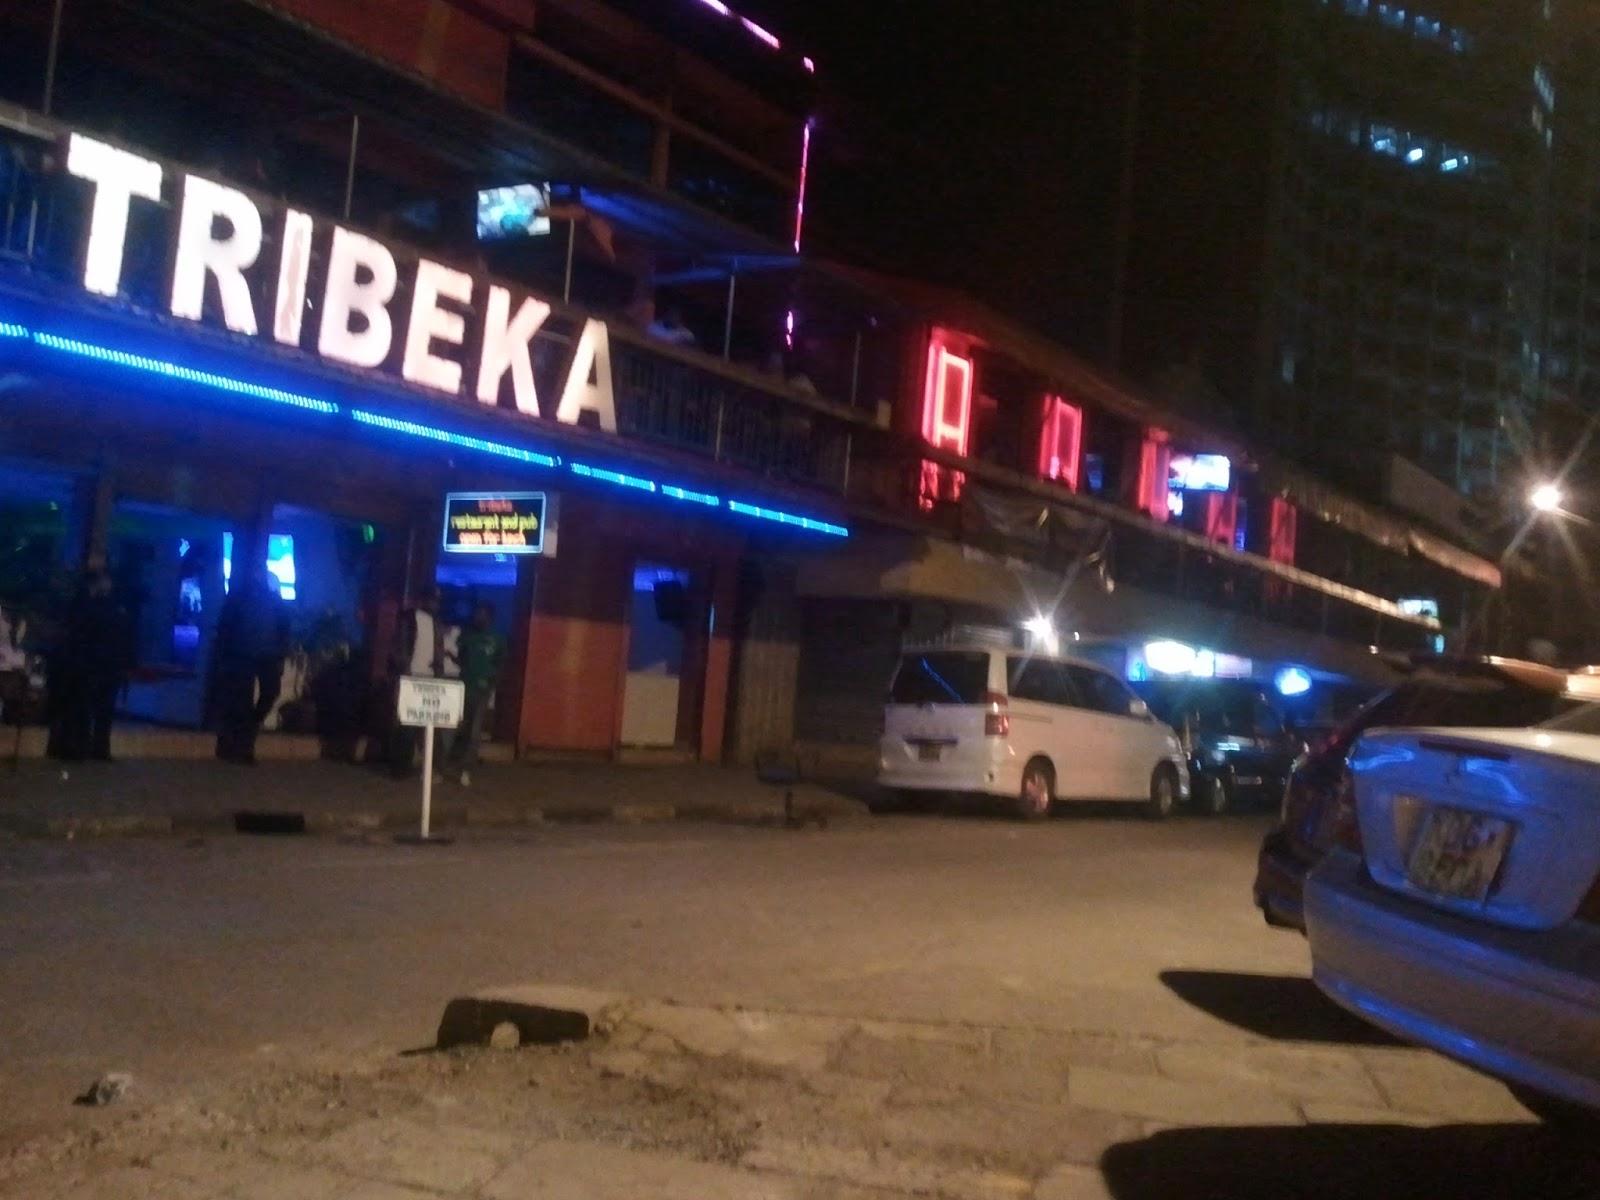 tribeka